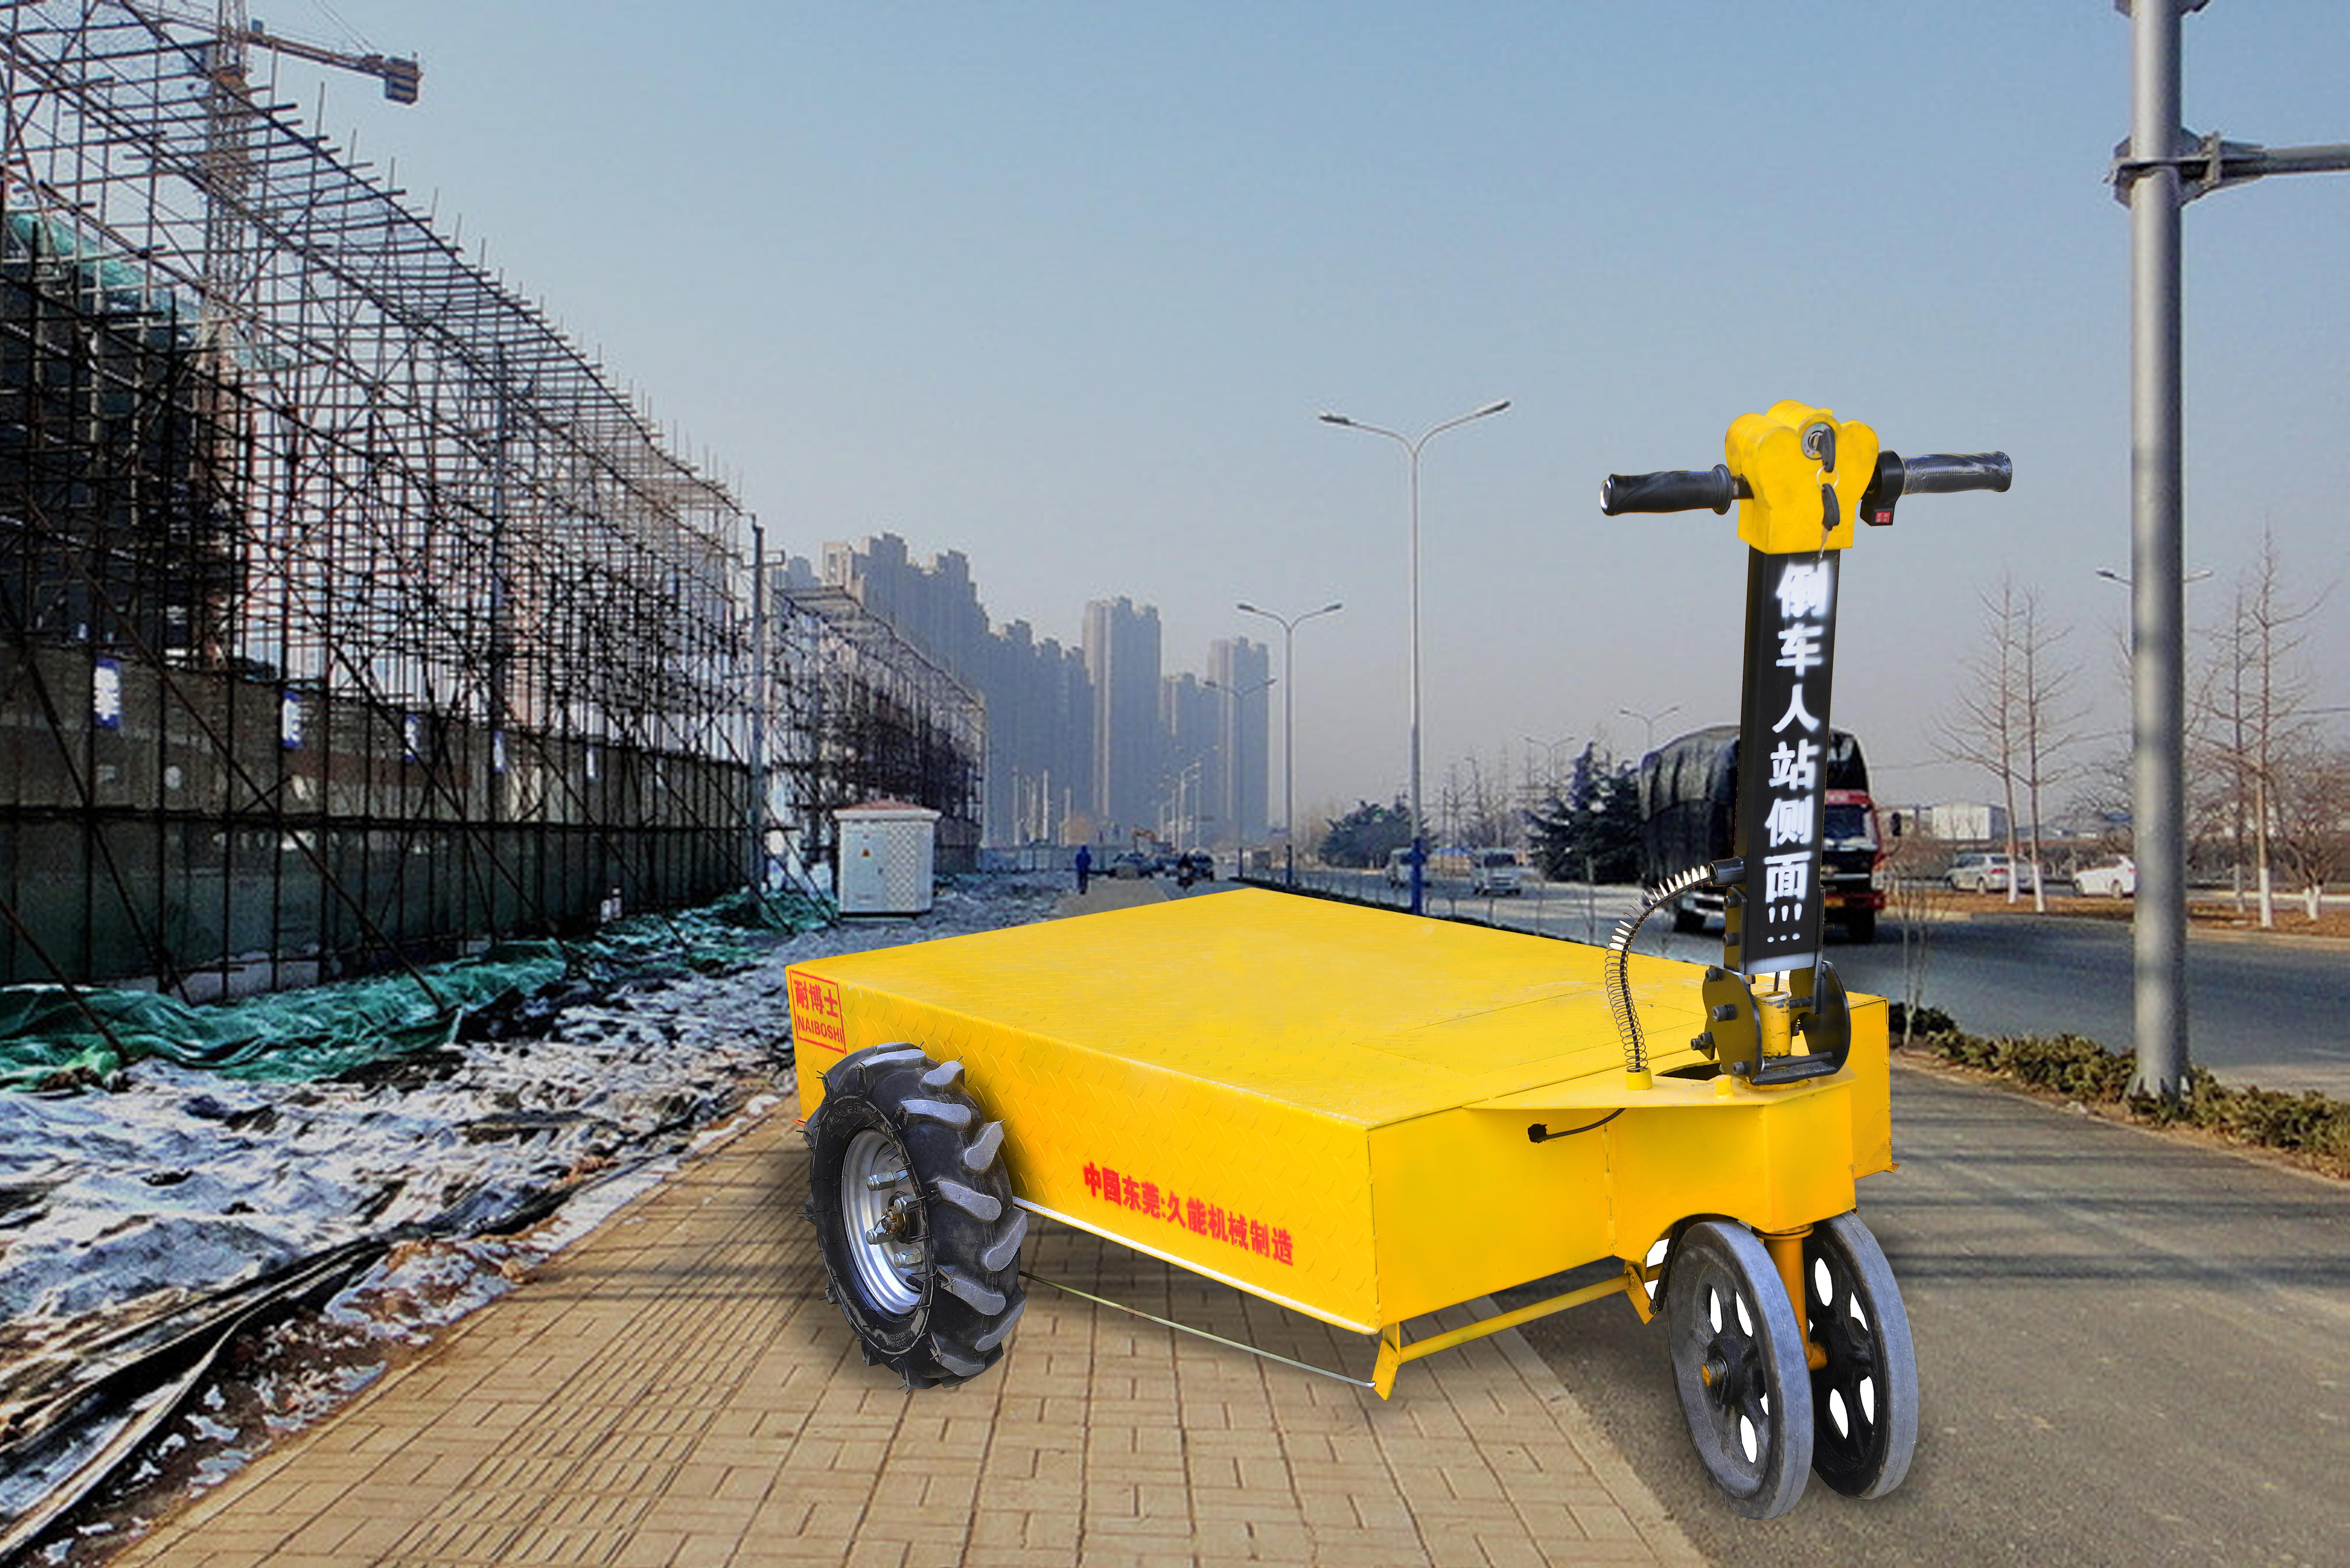 耐博士电动平板车 电动平板车供应商 电动车价格  东莞耐博士电动平板车